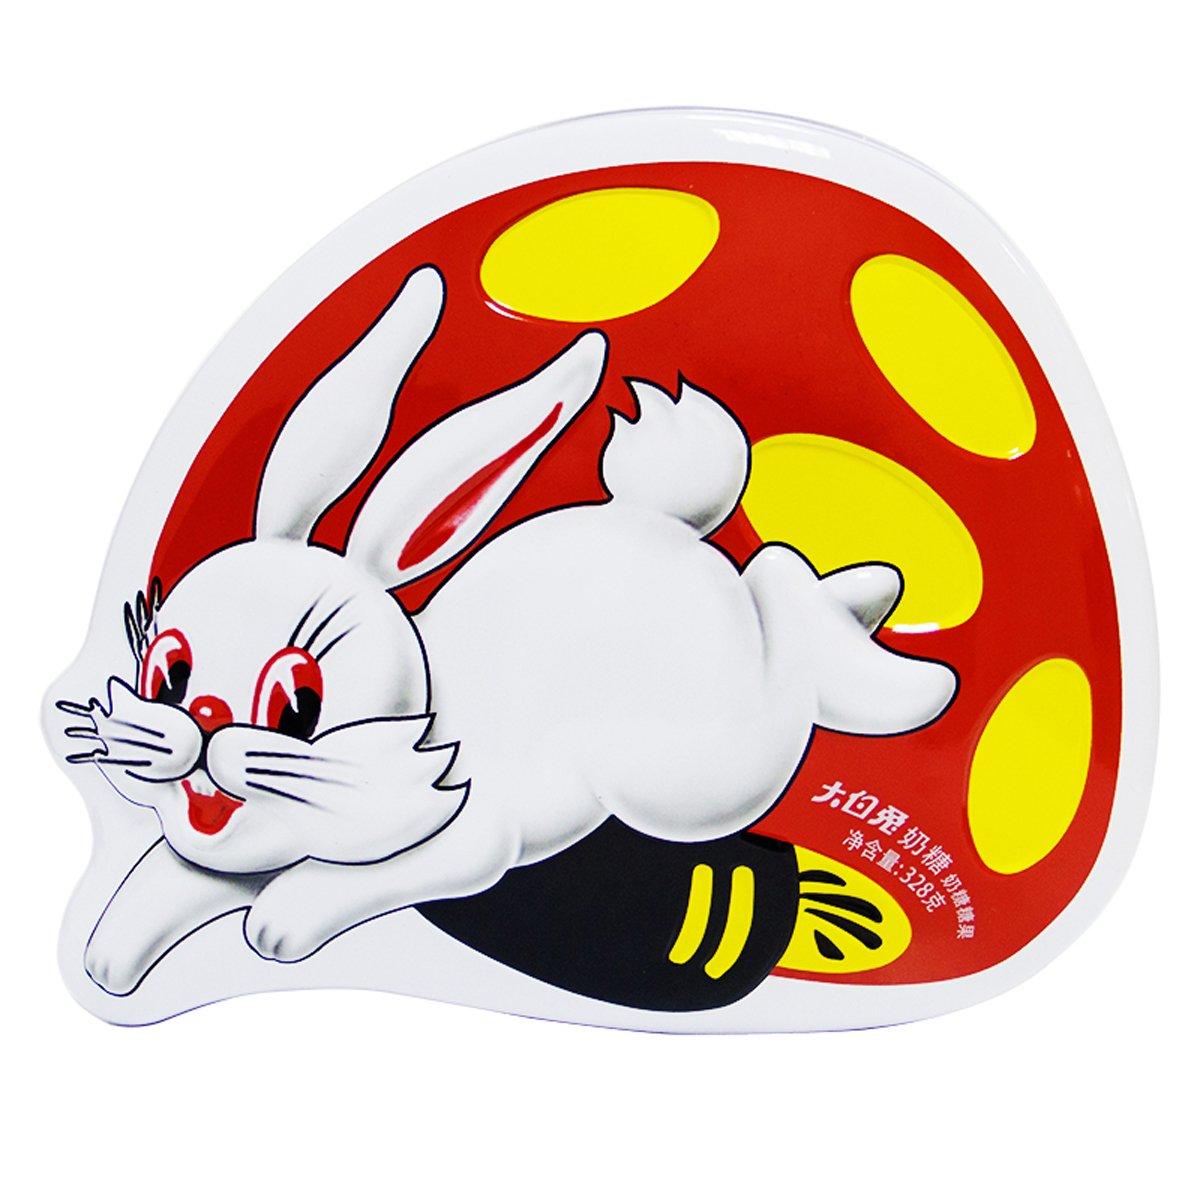 大白兔奶糖(蘑菇兔礼盒装)328g图片